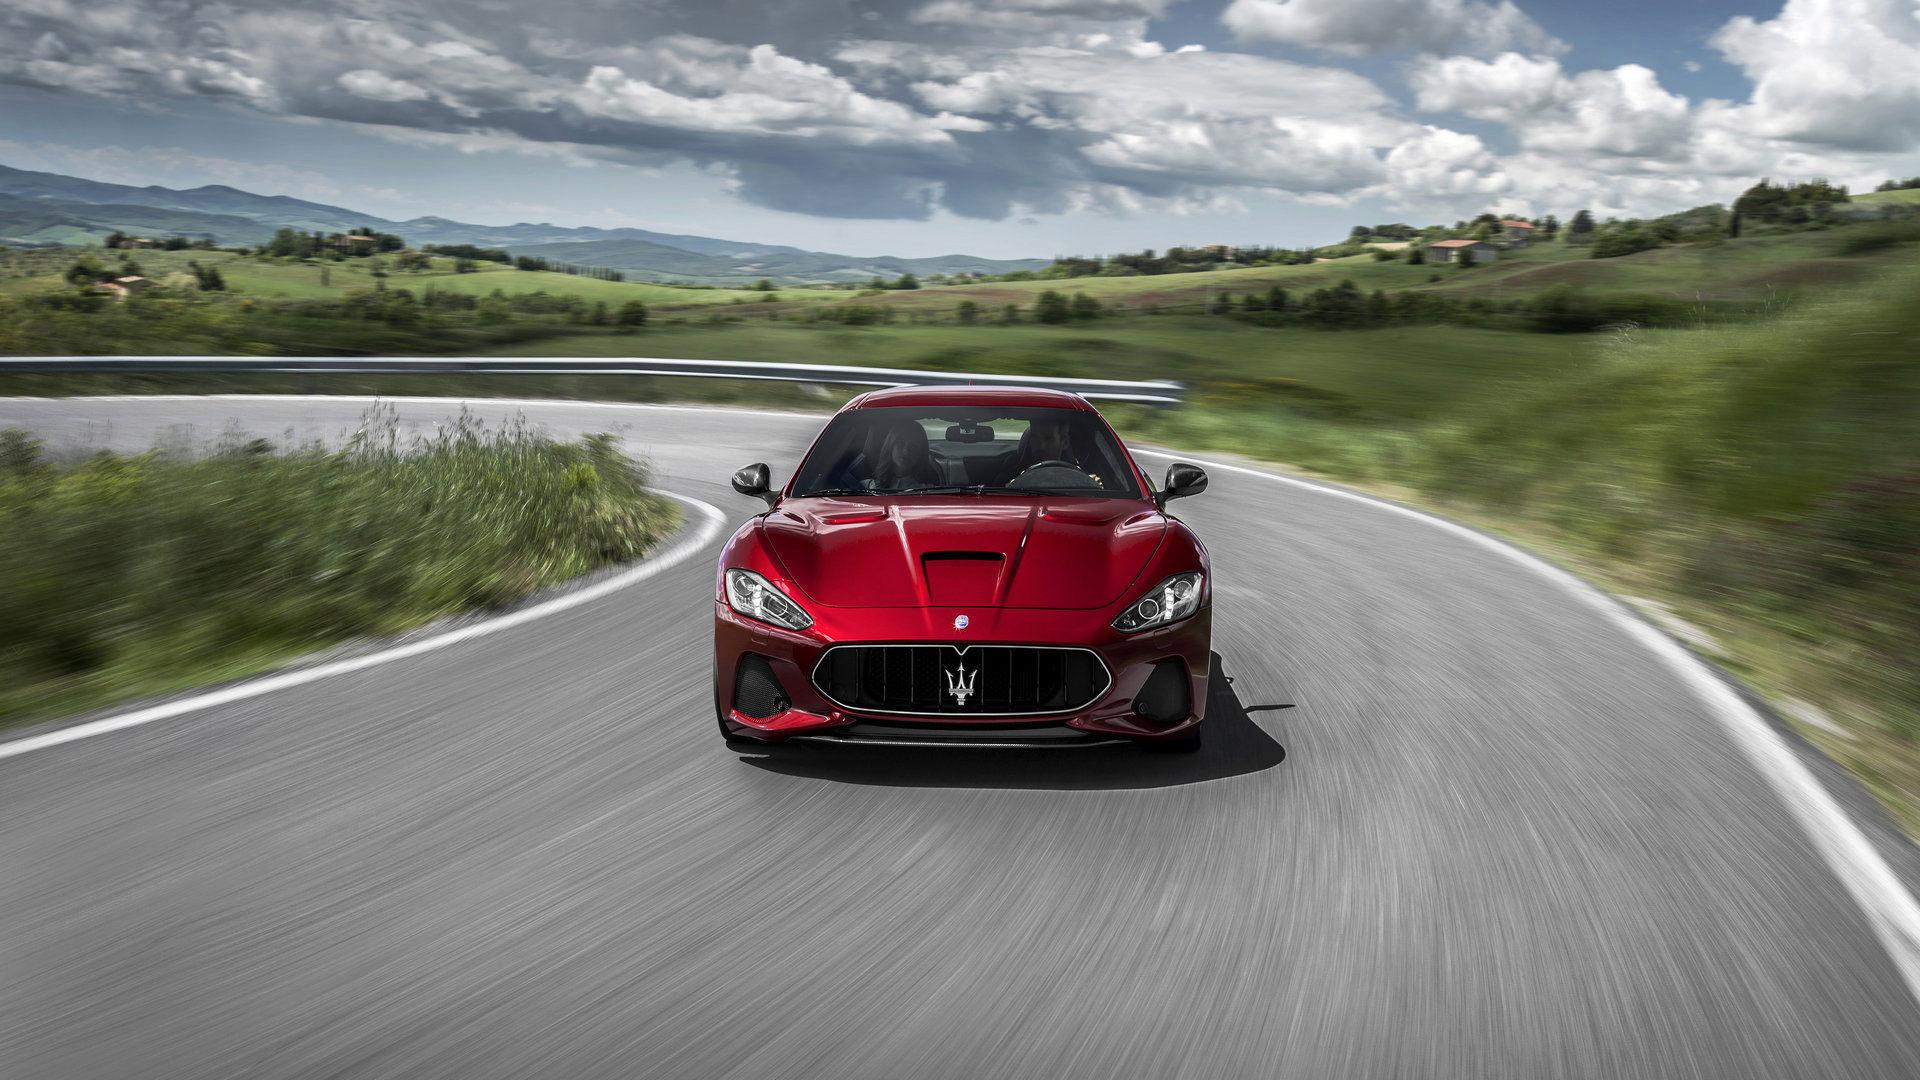 Maserati GranTurismo - Rosso - Essai routier